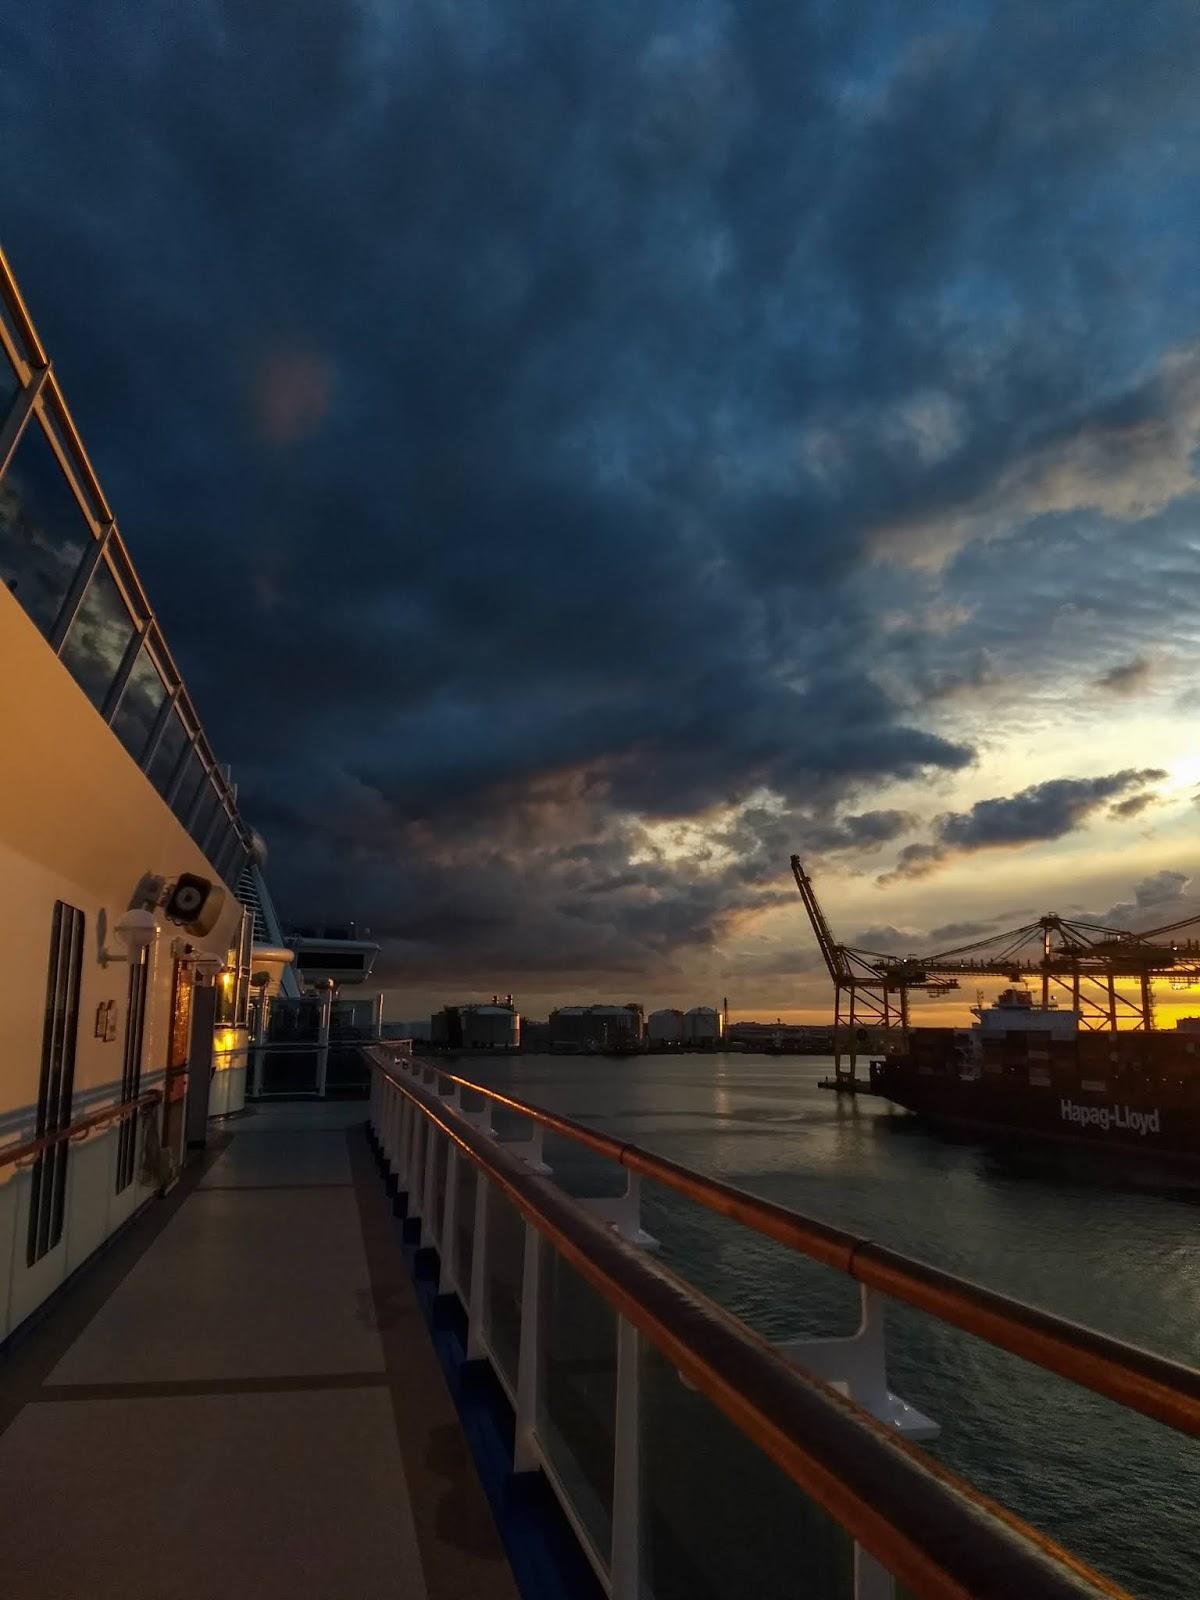 Autumn sunset light on a docked cruise ship.